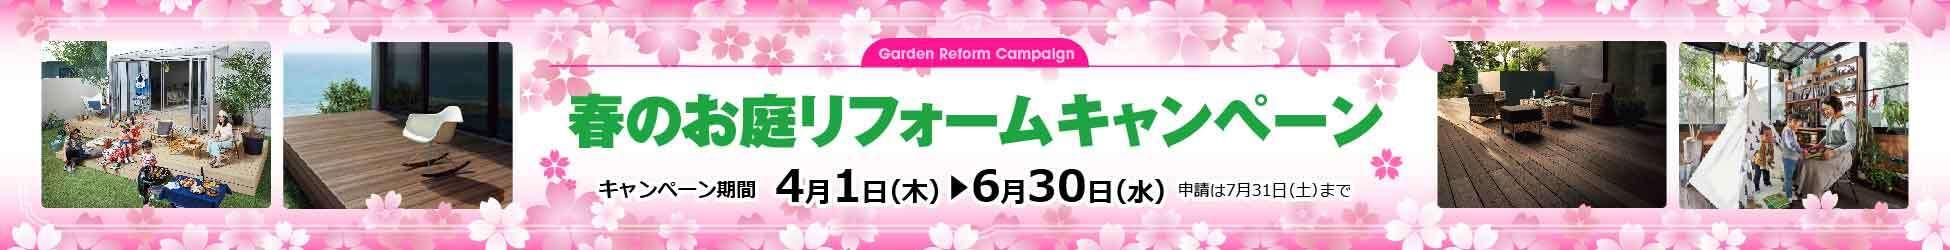 春のお庭リフォームキャンペーン